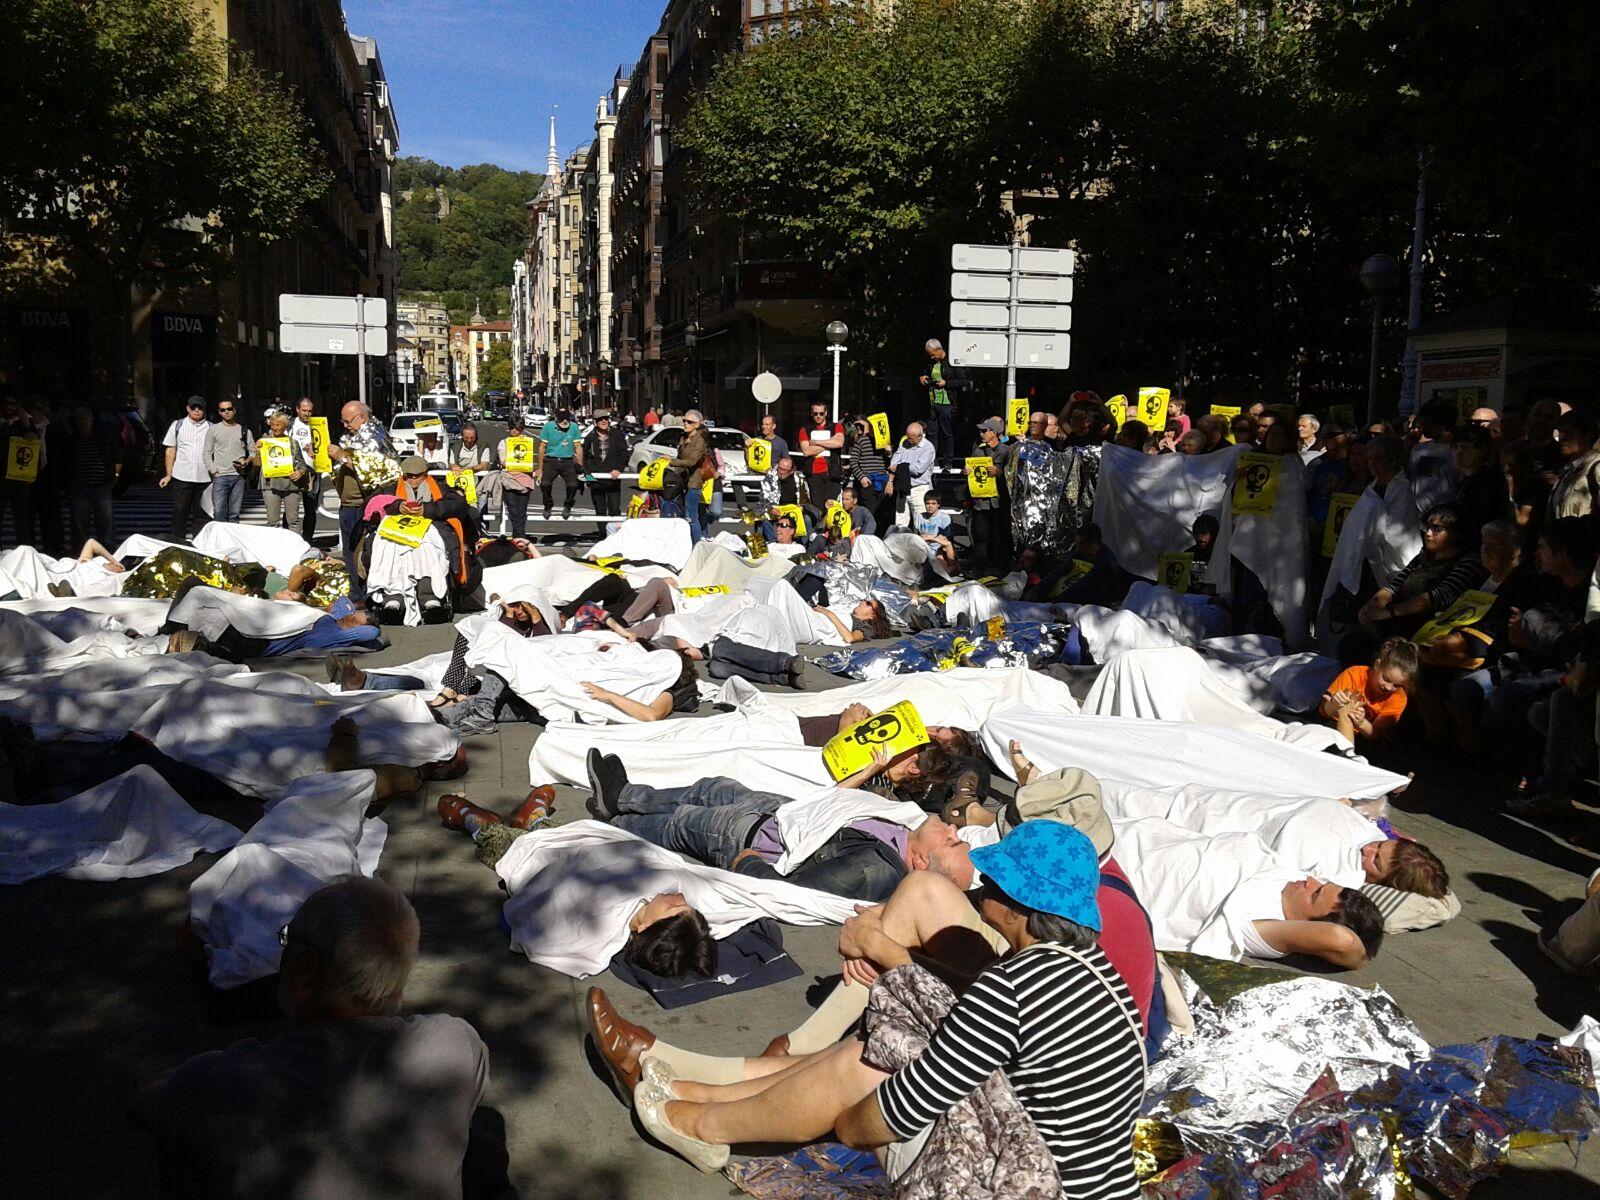 Erraustegiaren  kontrako  Mugimenduak  protesta-ekintza  bat  egin  du  gaur  eguerdian  Foru  Aldundiaren  eta  Bancon  Santanderren  aurrean